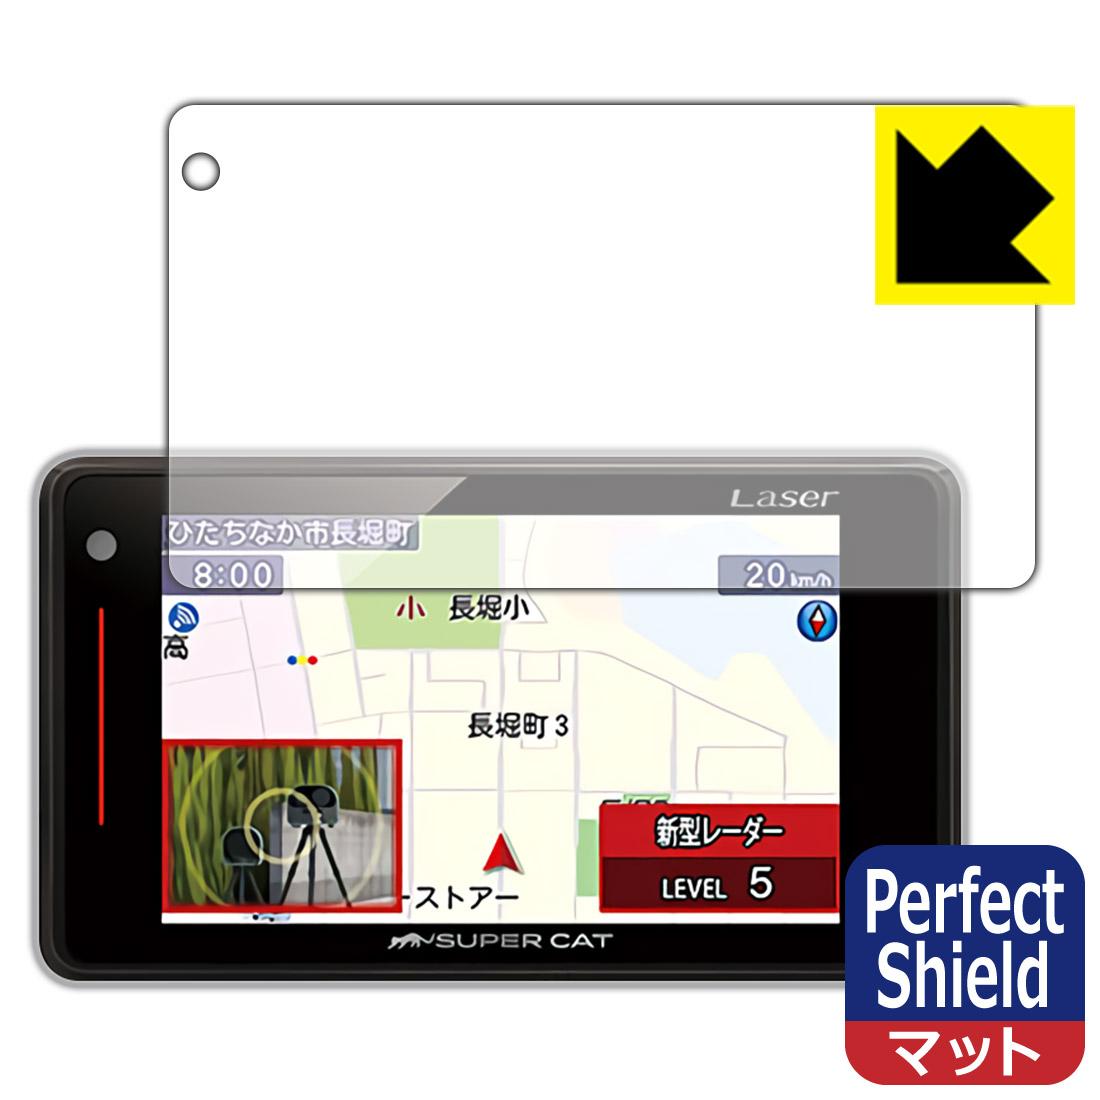 アンチグレアタイプ 非光沢 訳あり商品 レーザーレーダー探知機 お気に入り SUPER CAT Z Z210L Z120L 専用保護フィルム Z200L smtb-kd 保護シート Z110L Shield Perfect